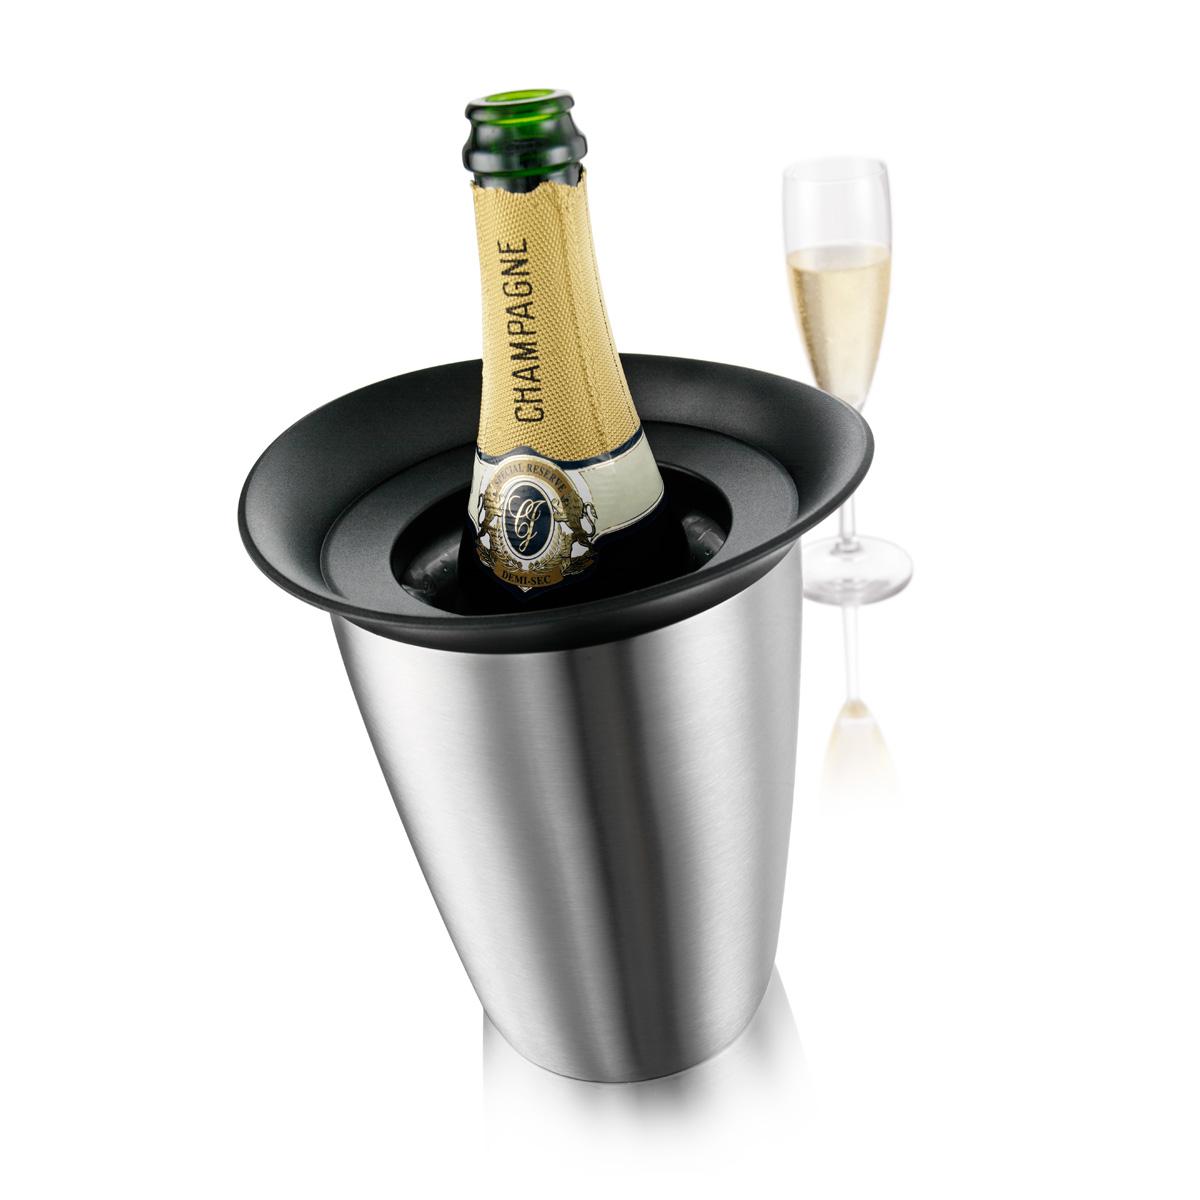 VV3647360 Vacu Vin Active Cooler Champagne Elegant Stainless Steel